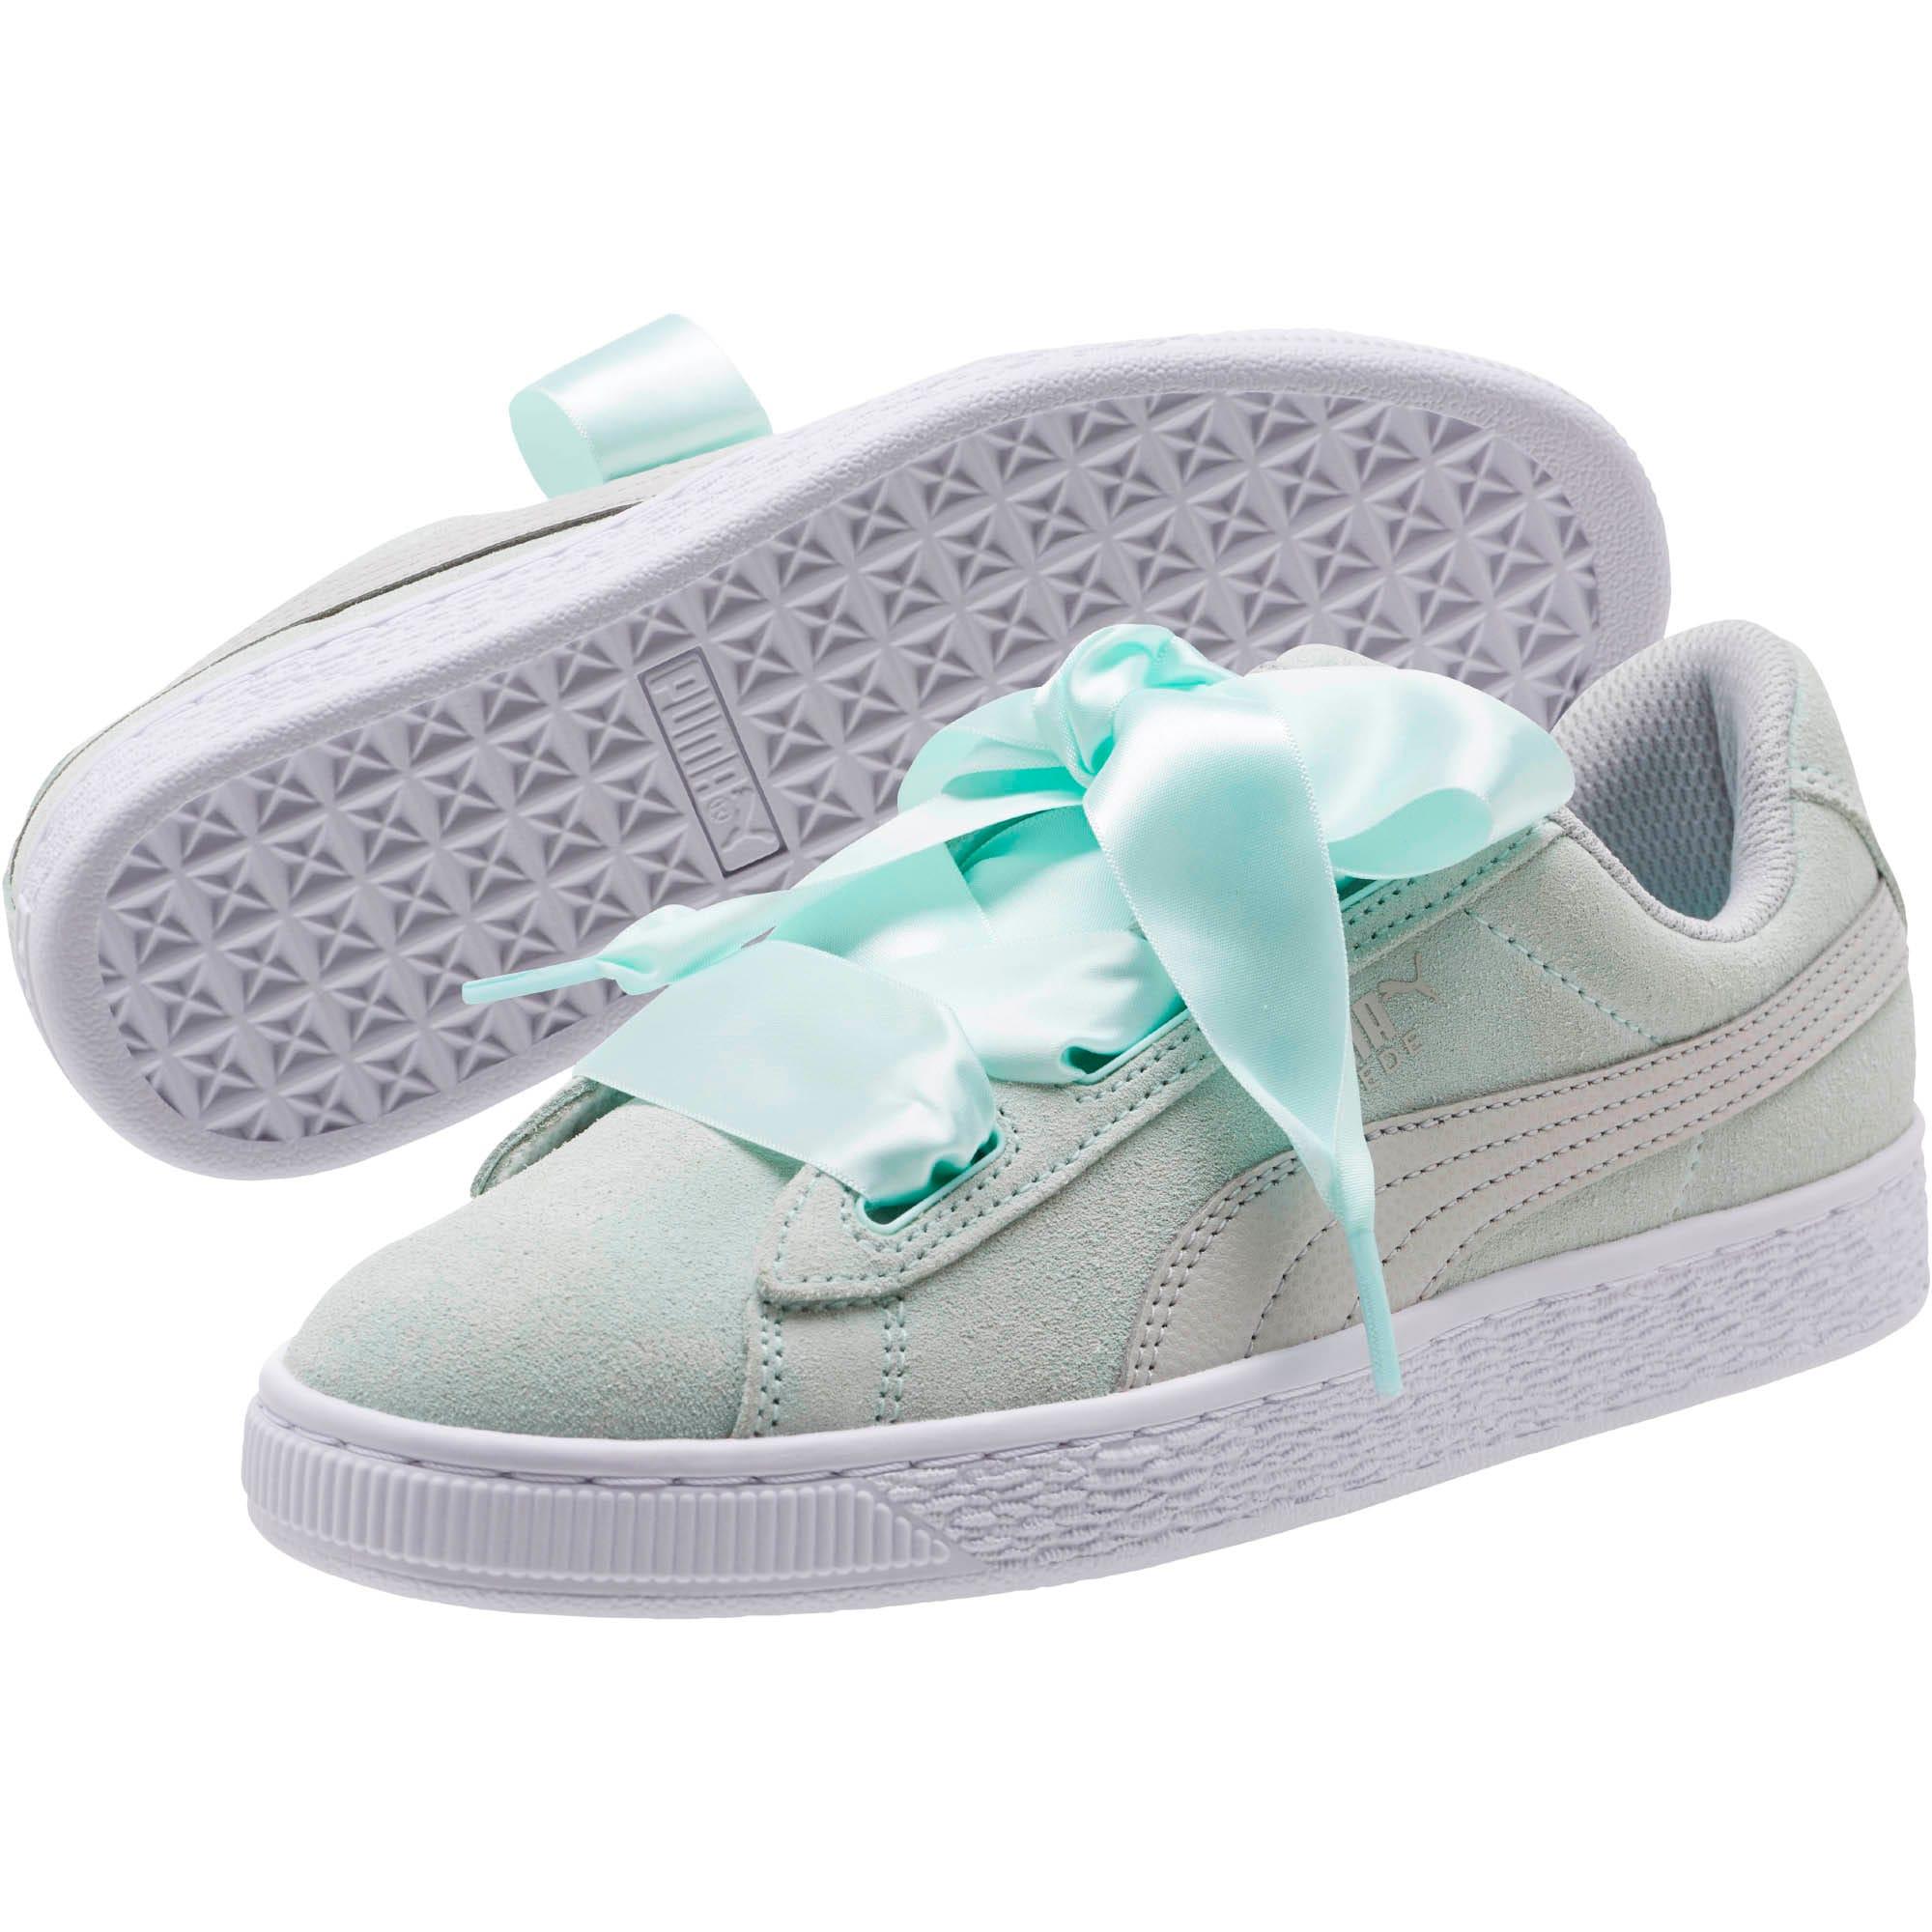 Miniatura 2 de Zapatos deportivos SuedeHeart Radicals JR, Fair Aqua-Gray Violet, mediano